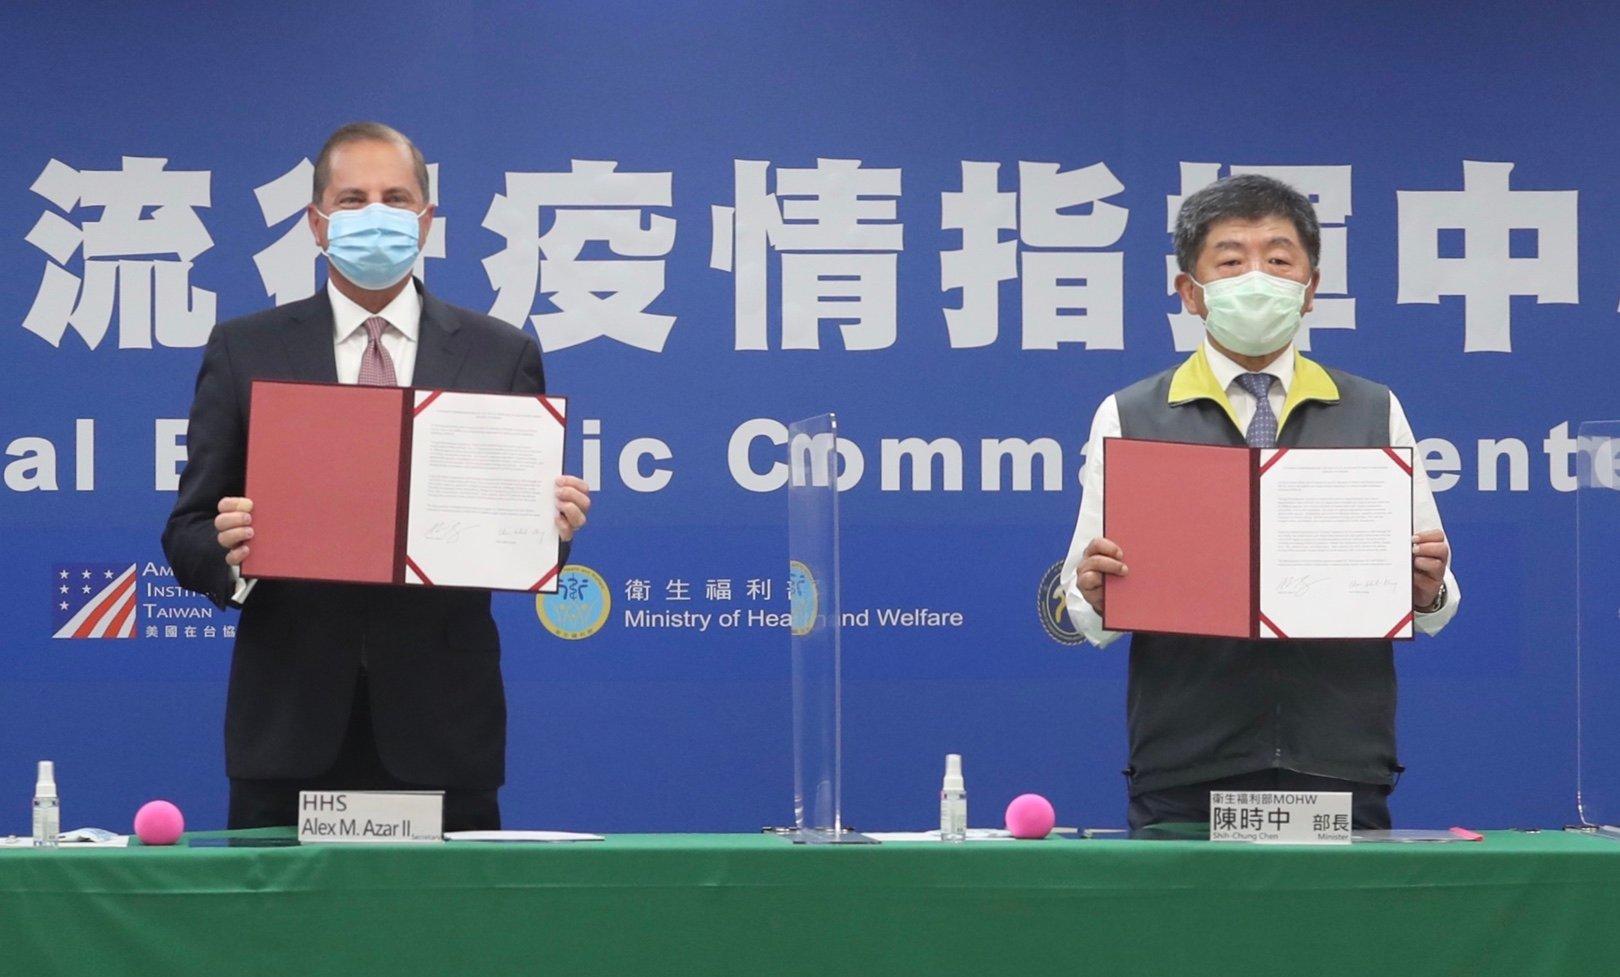 當地時間周一(8月10日),率團到訪台灣的美國衛生部長阿扎爾(Alex Azar)與台灣衛生福利部長陳時中出席美、台雙方「衛生合作備忘錄(MOU)」的簽署儀式。(Pei Chen/POOL/AFP)